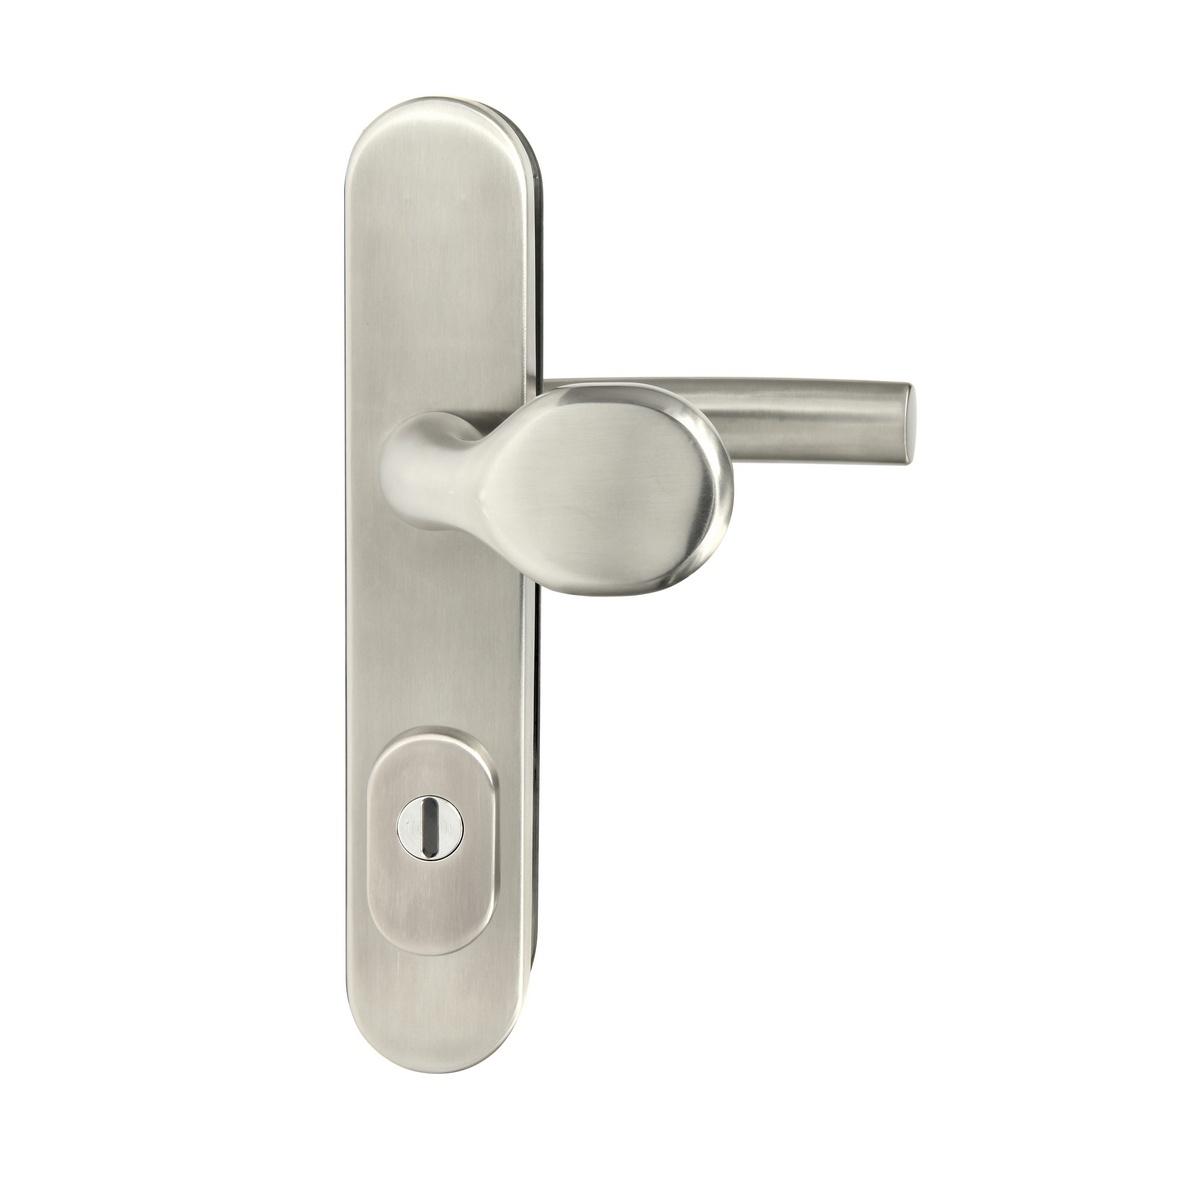 Dveřní bezpečnostní kování s madlem, R.701.ZB.92.N.TB4